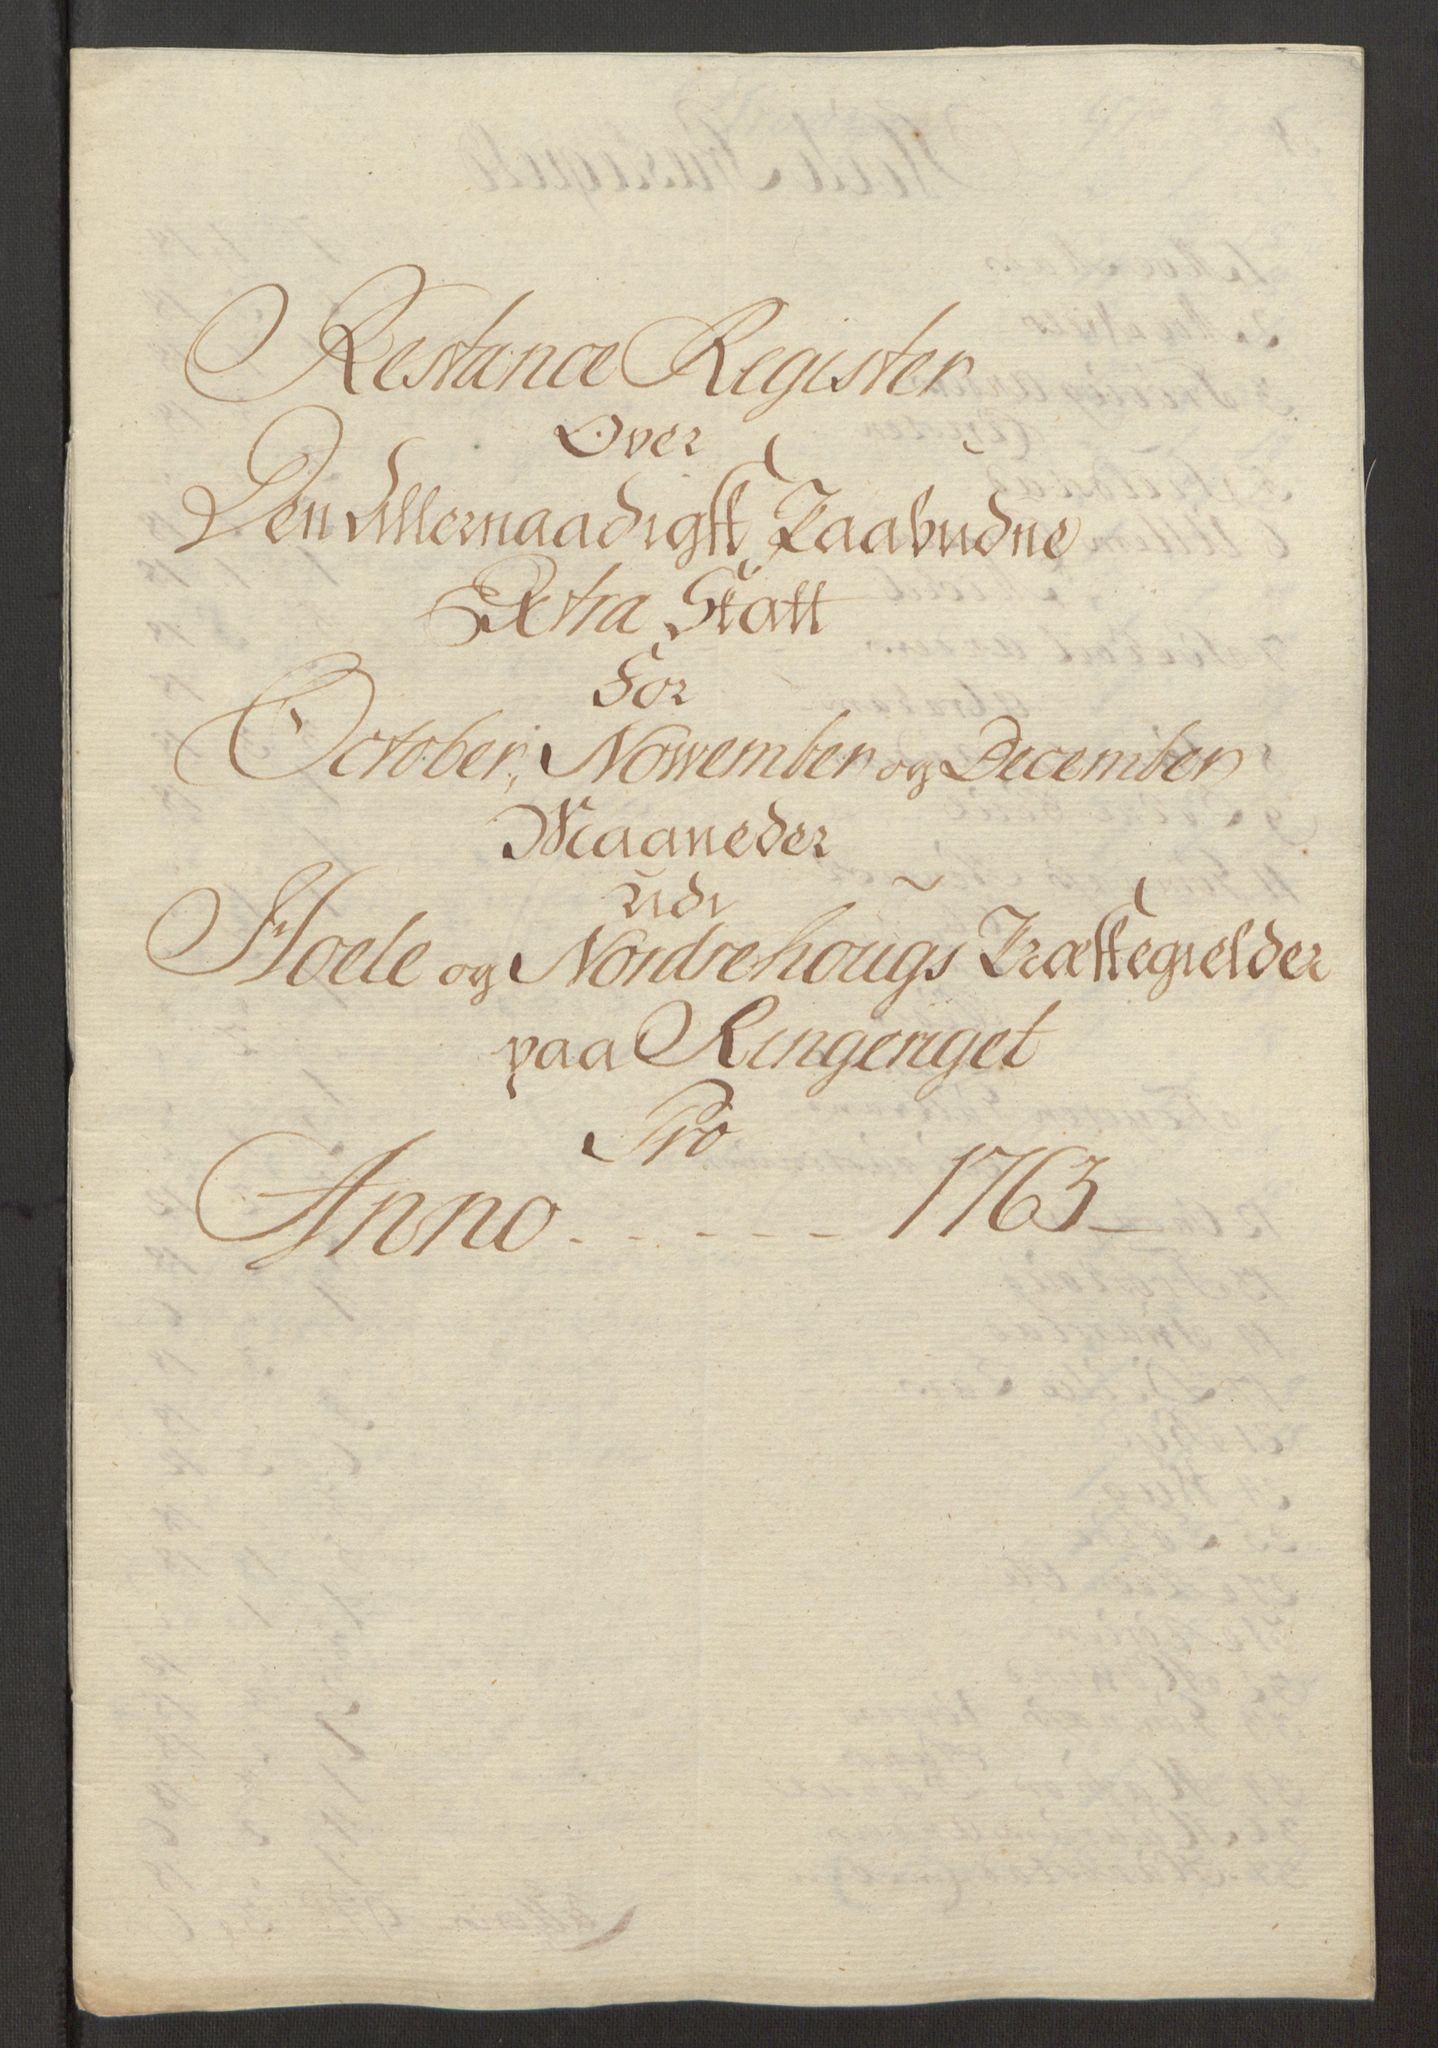 RA, Rentekammeret inntil 1814, Reviderte regnskaper, Fogderegnskap, R23/L1565: Ekstraskatten Ringerike og Hallingdal, 1762-1763, s. 552